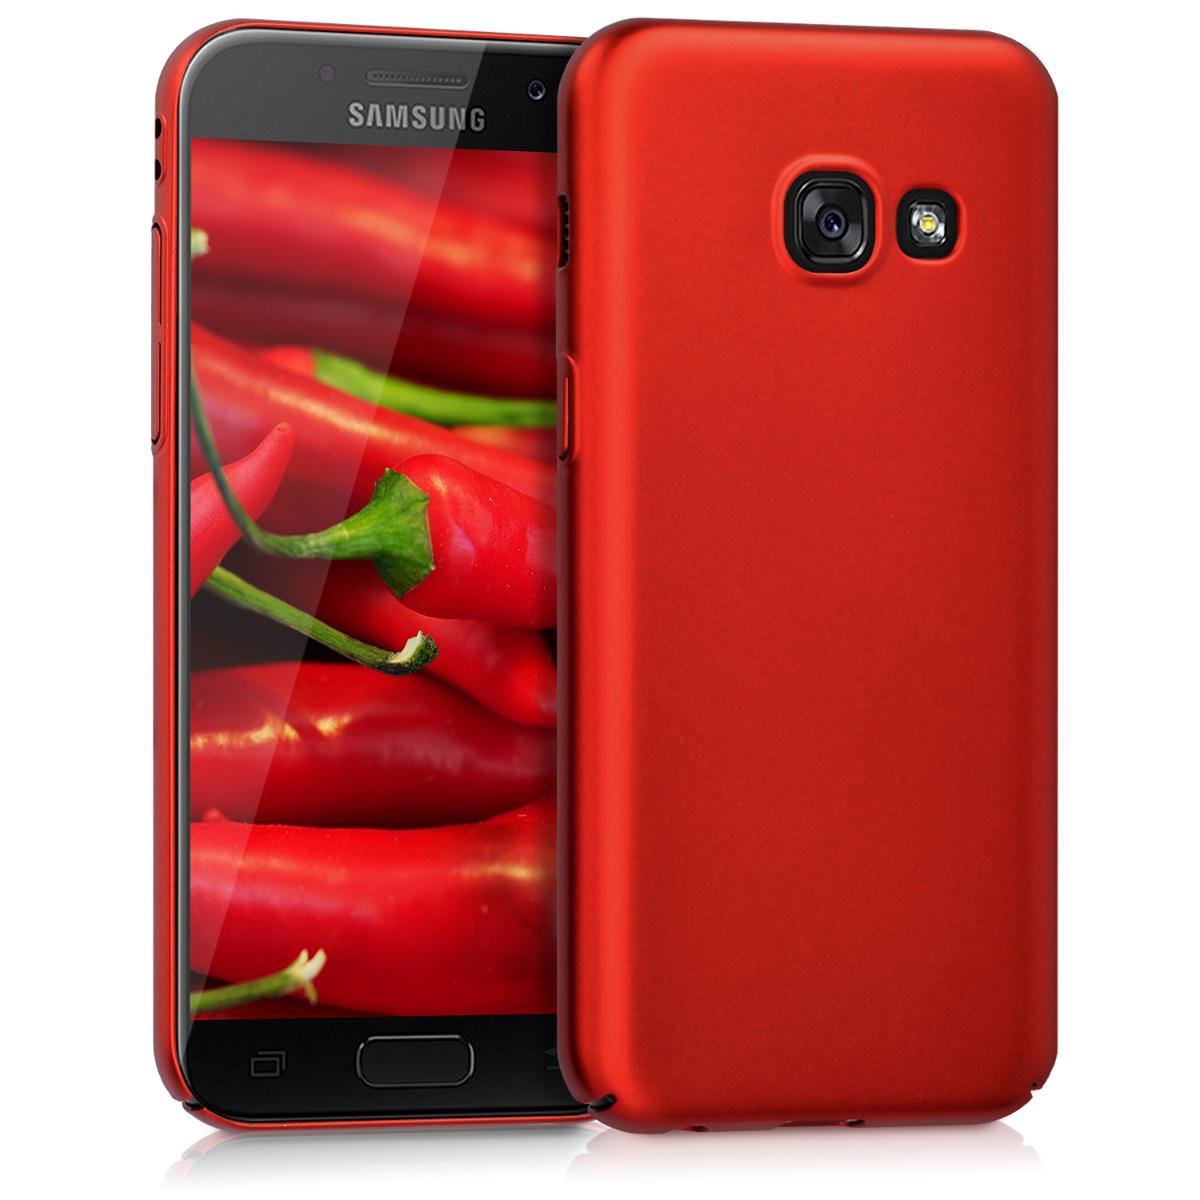 KW Slim Anti-Slip Cover - Σκληρή Θήκη Καουτσούκ Samsung Galaxy A3 (2017) - Κόκκινο μεταλλικό (41802.36)